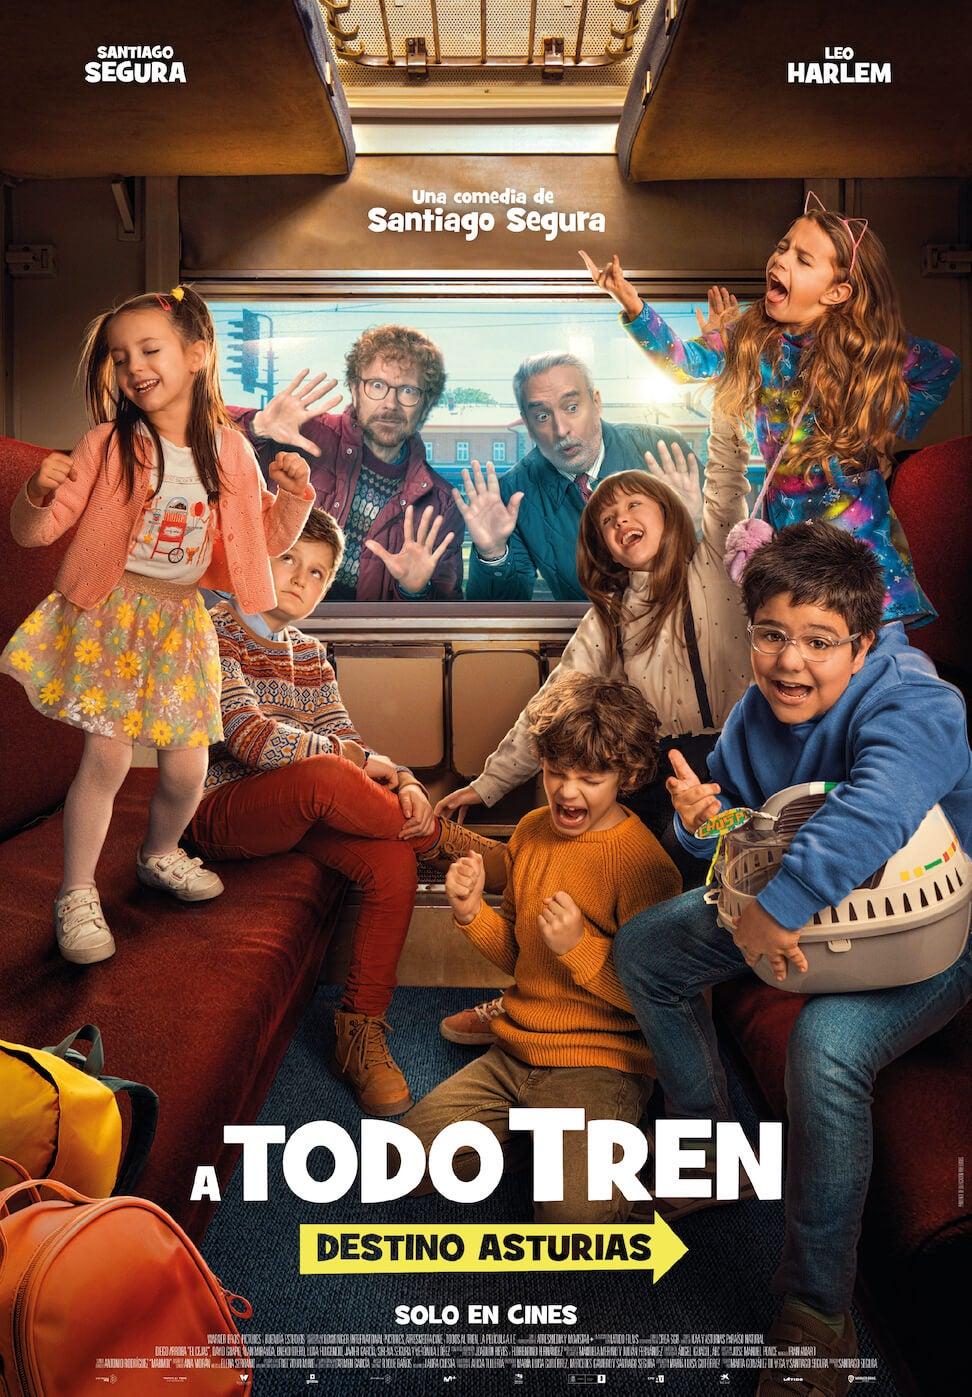 Ya Puedes Ver El Poster De A Todo Tren Destino Asturias La Nueva Comedia De Santiago Segura Atresmedia Cine